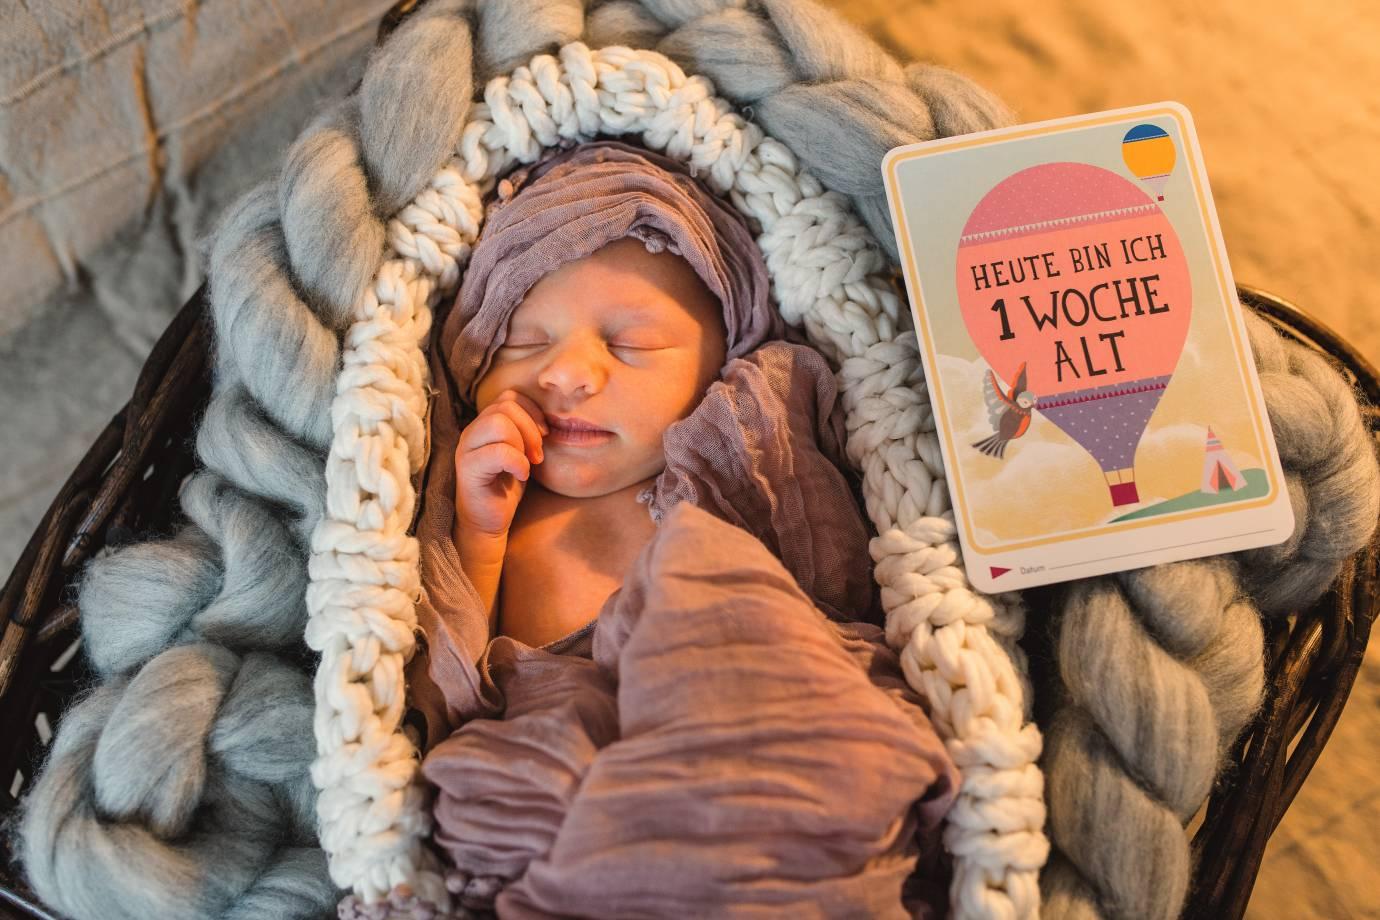 babyfotograf bremen 05 - Emma